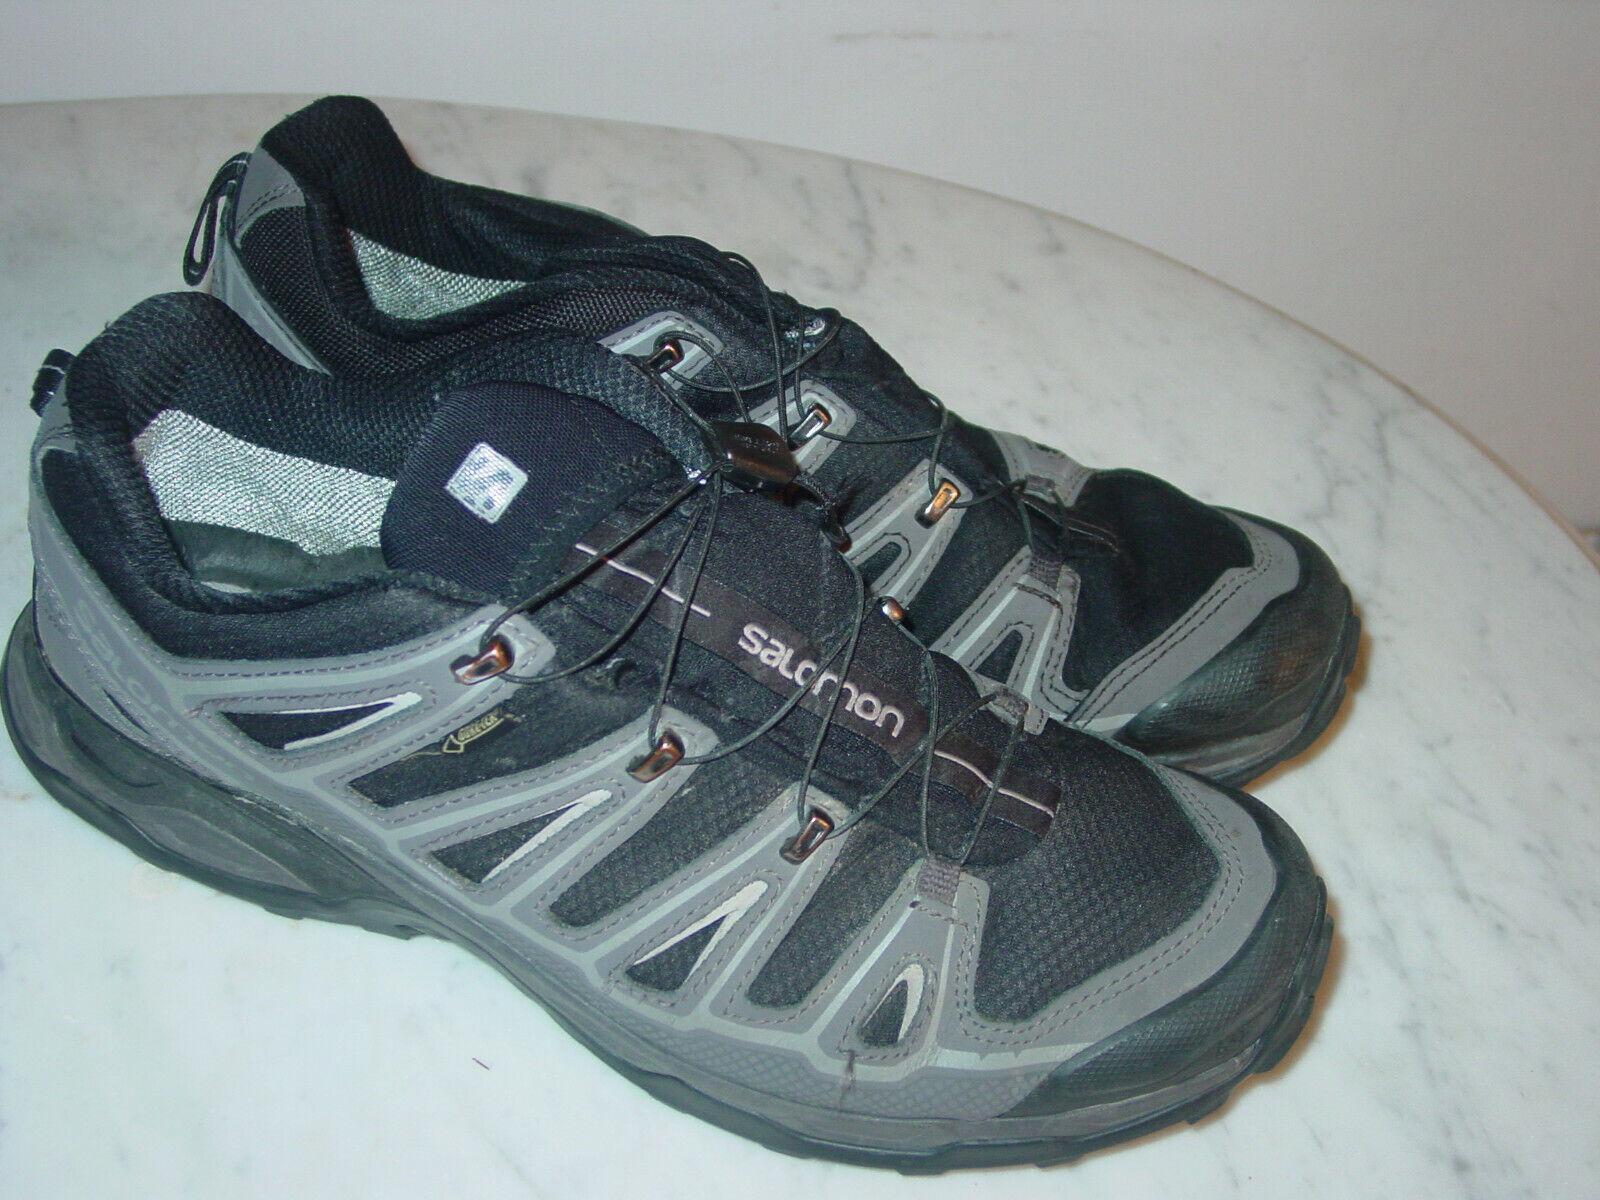 2015 Homme Salomon X Ultra 2 Goretex 371560 noir Trail Randonnée chaussures  Taille 12